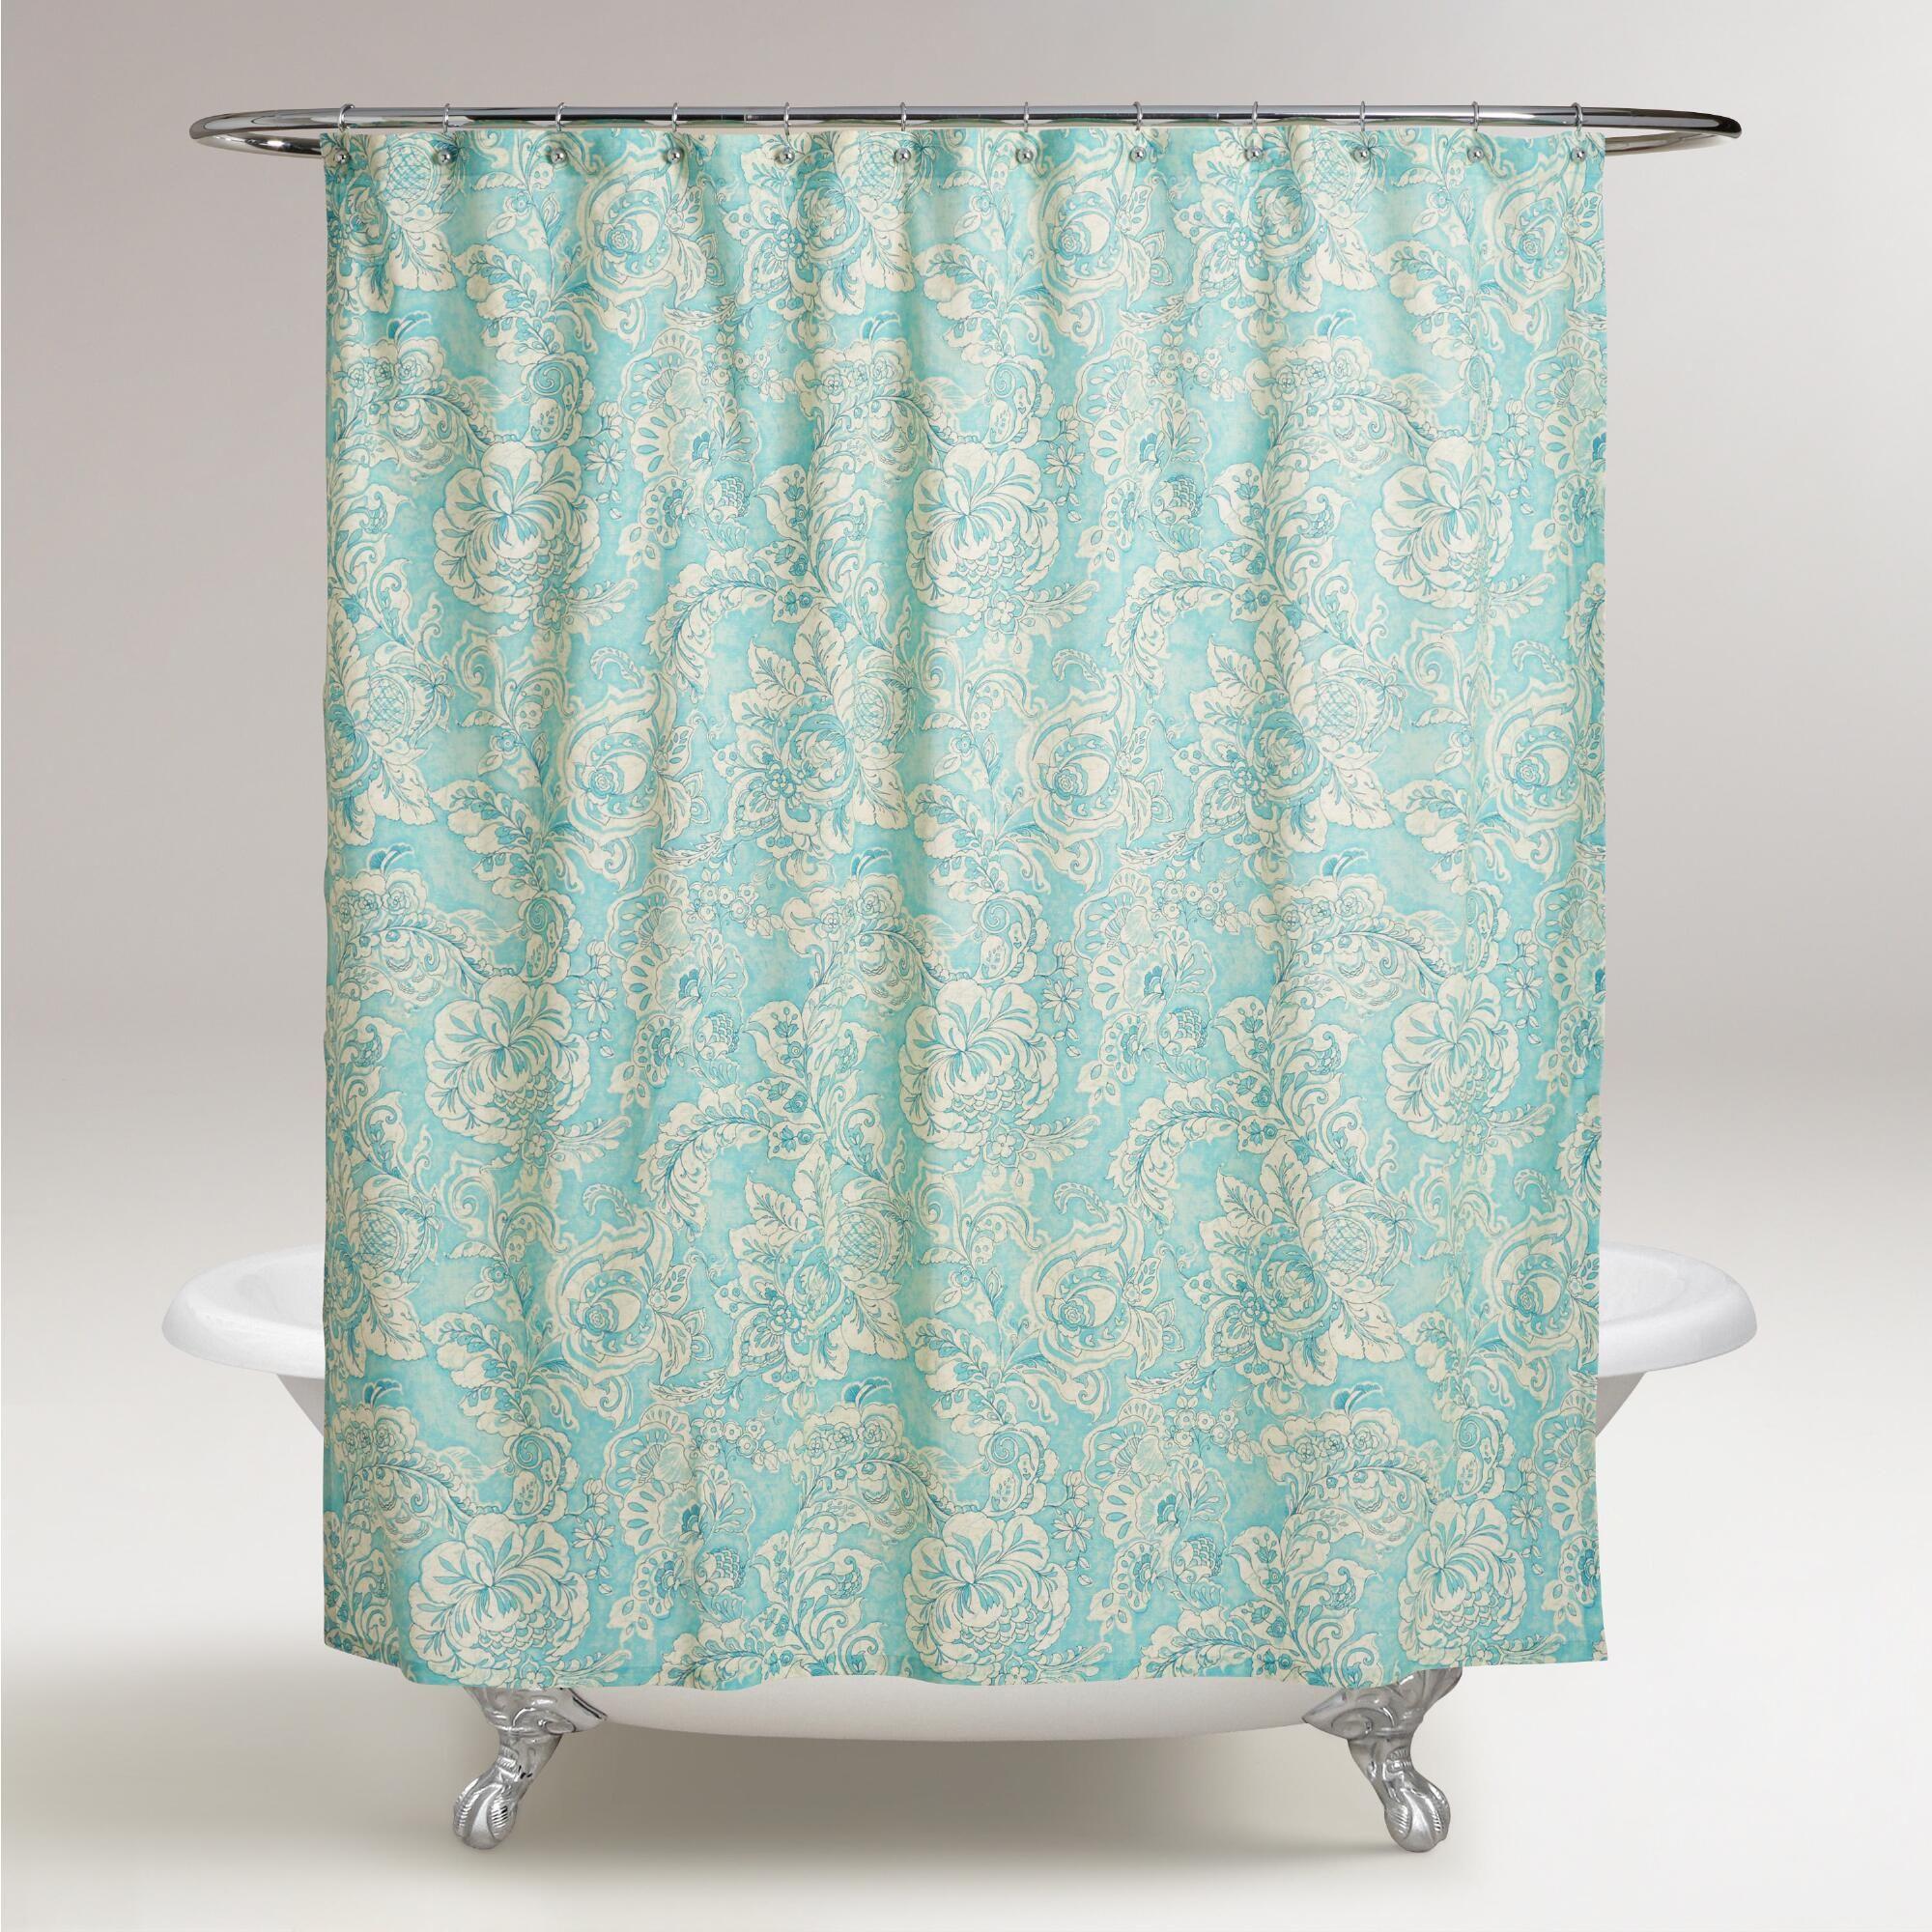 In A Fresh Palette Our Tonal Aqua Shower Curtain Boasts A